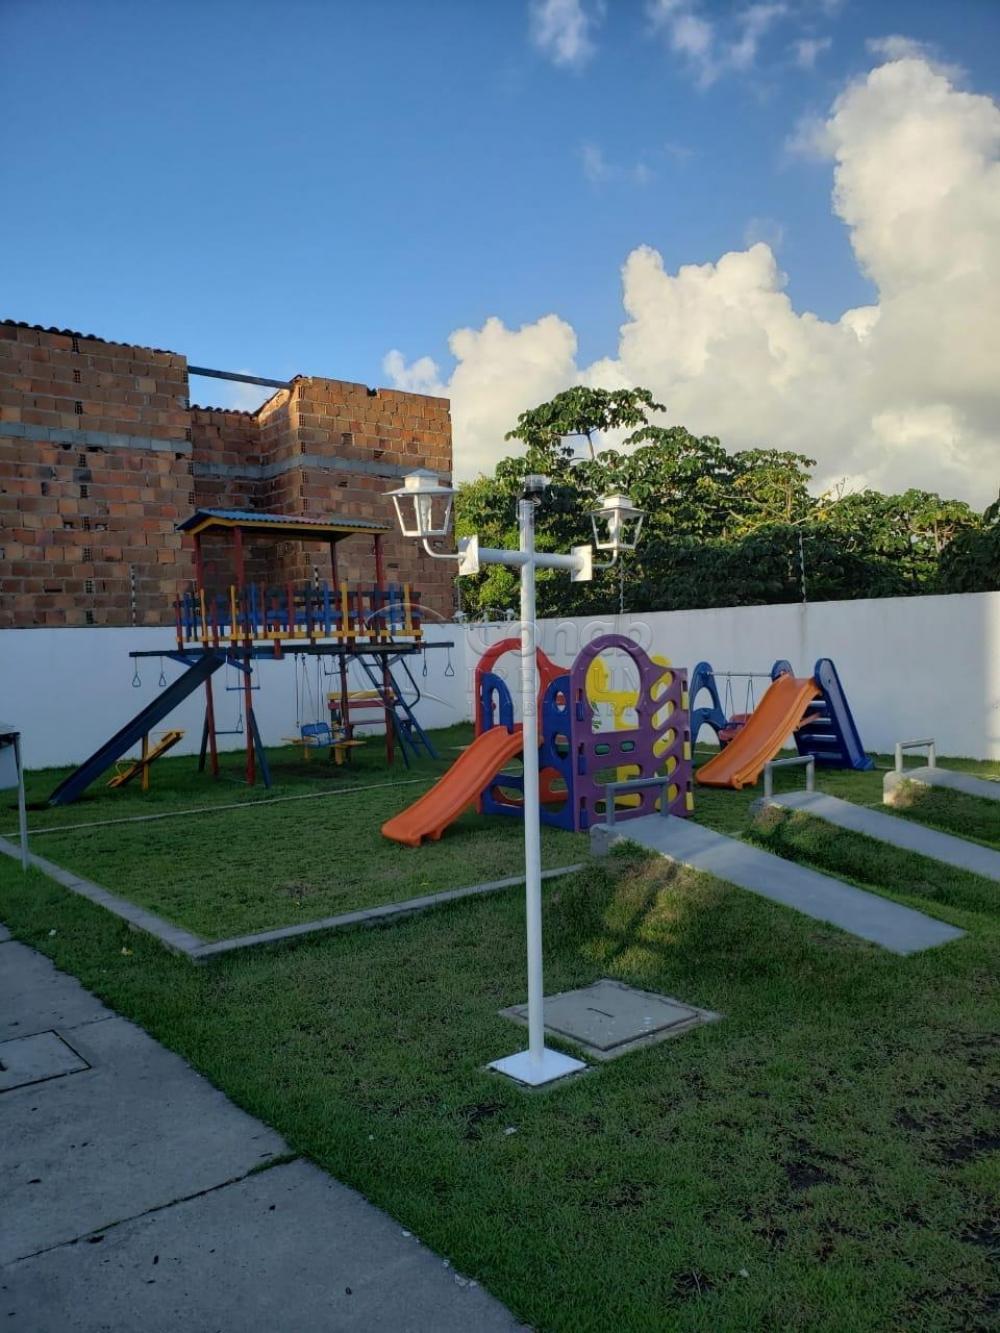 Comprar Apartamento / Padrão em Aracaju apenas R$ 115.000,00 - Foto 14